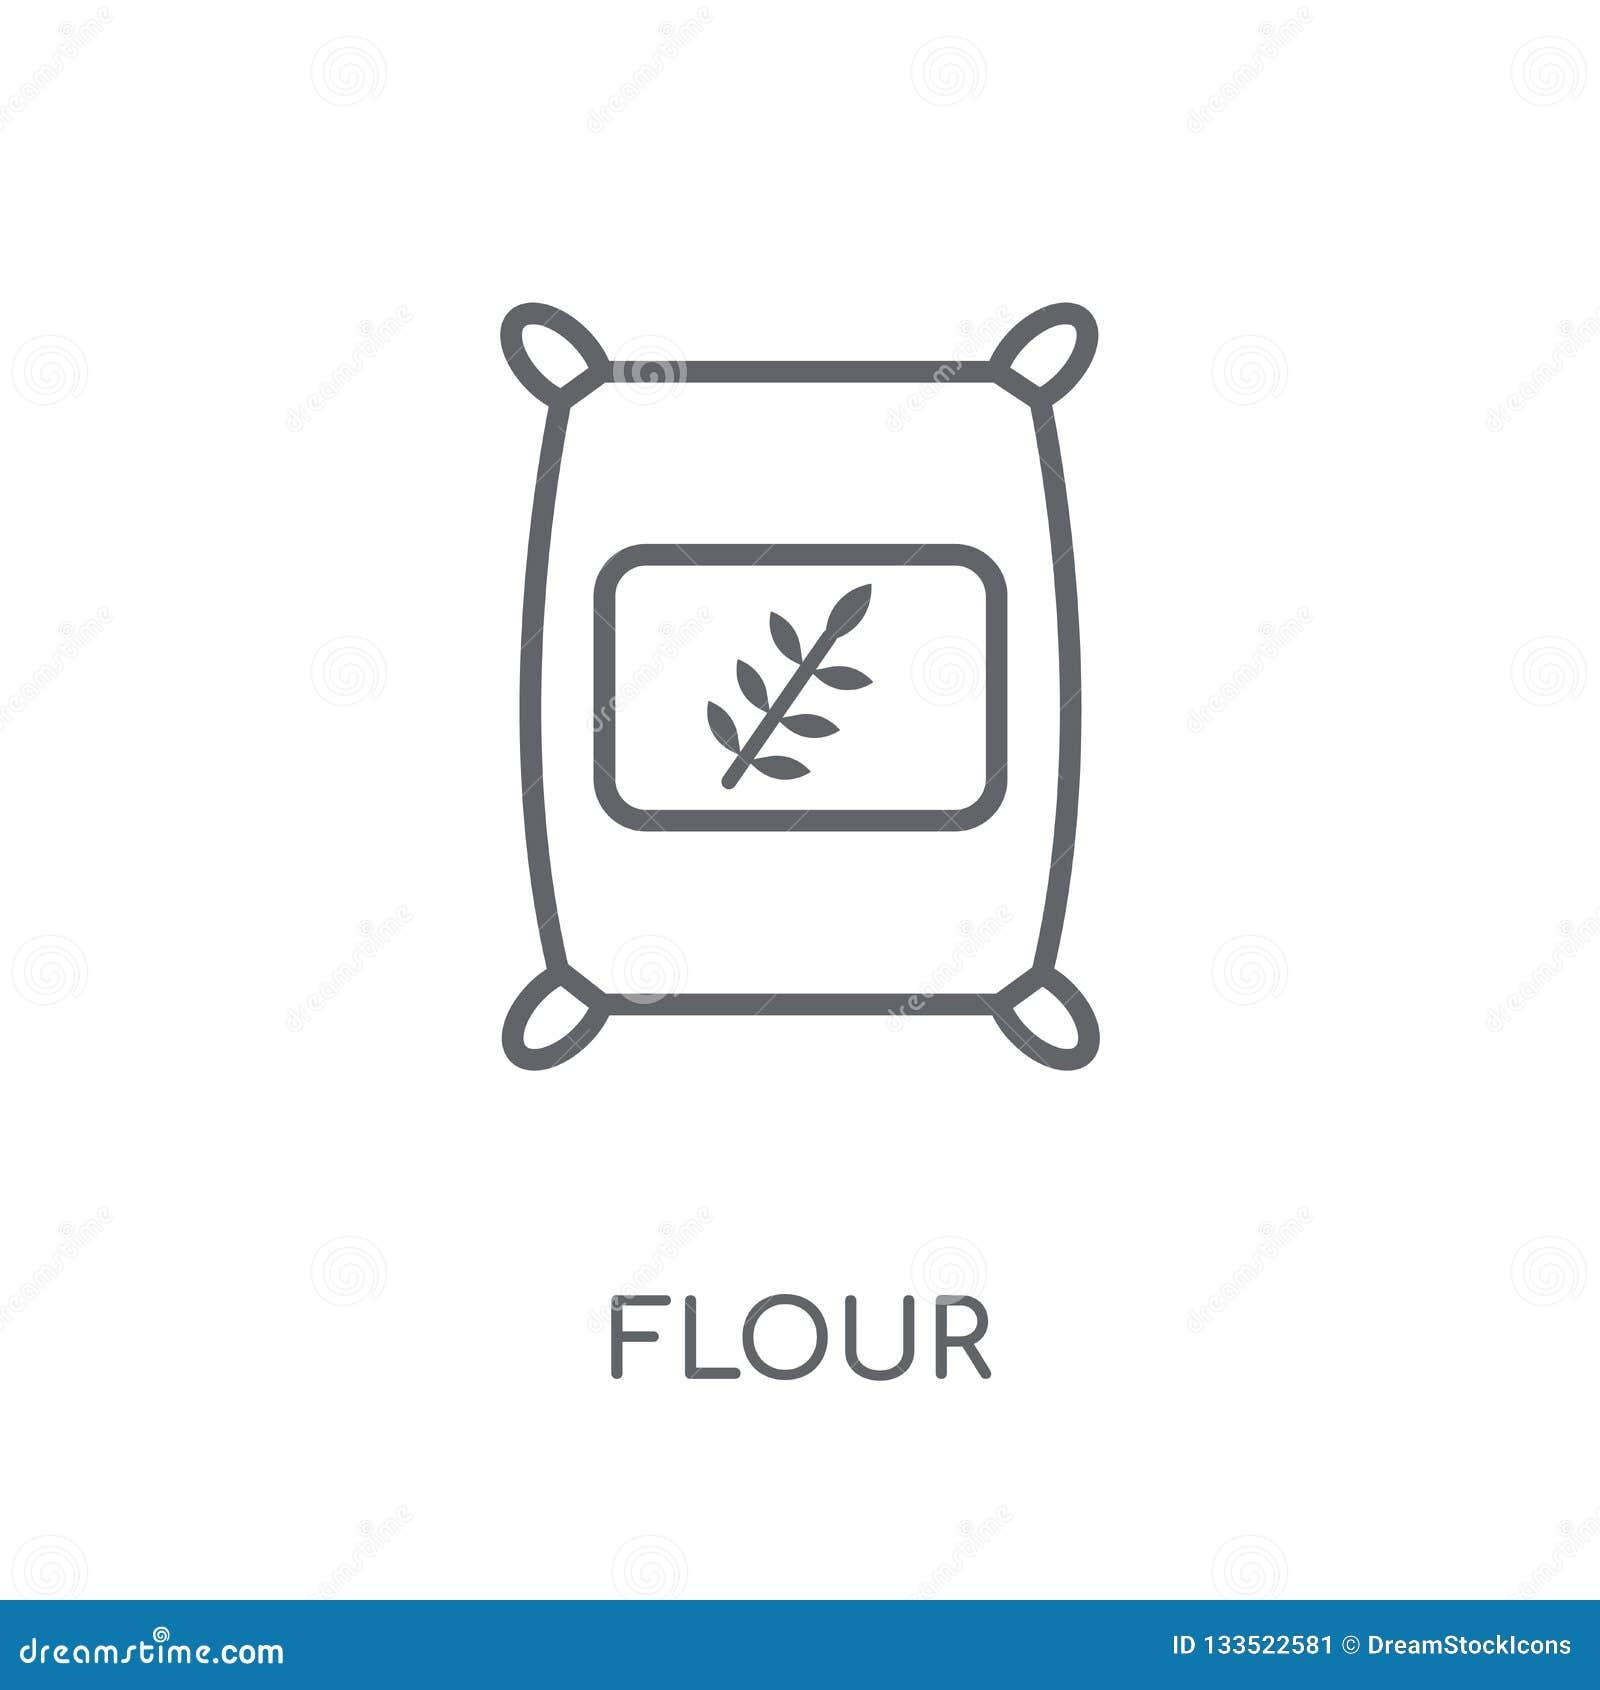 flour outline stock illustrations 5 110 flour outline stock illustrations vectors clipart dreamstime https www dreamstime com flour linear icon modern outline flour logo concept white ba flour linear icon modern outline flour logo concept white image133522581